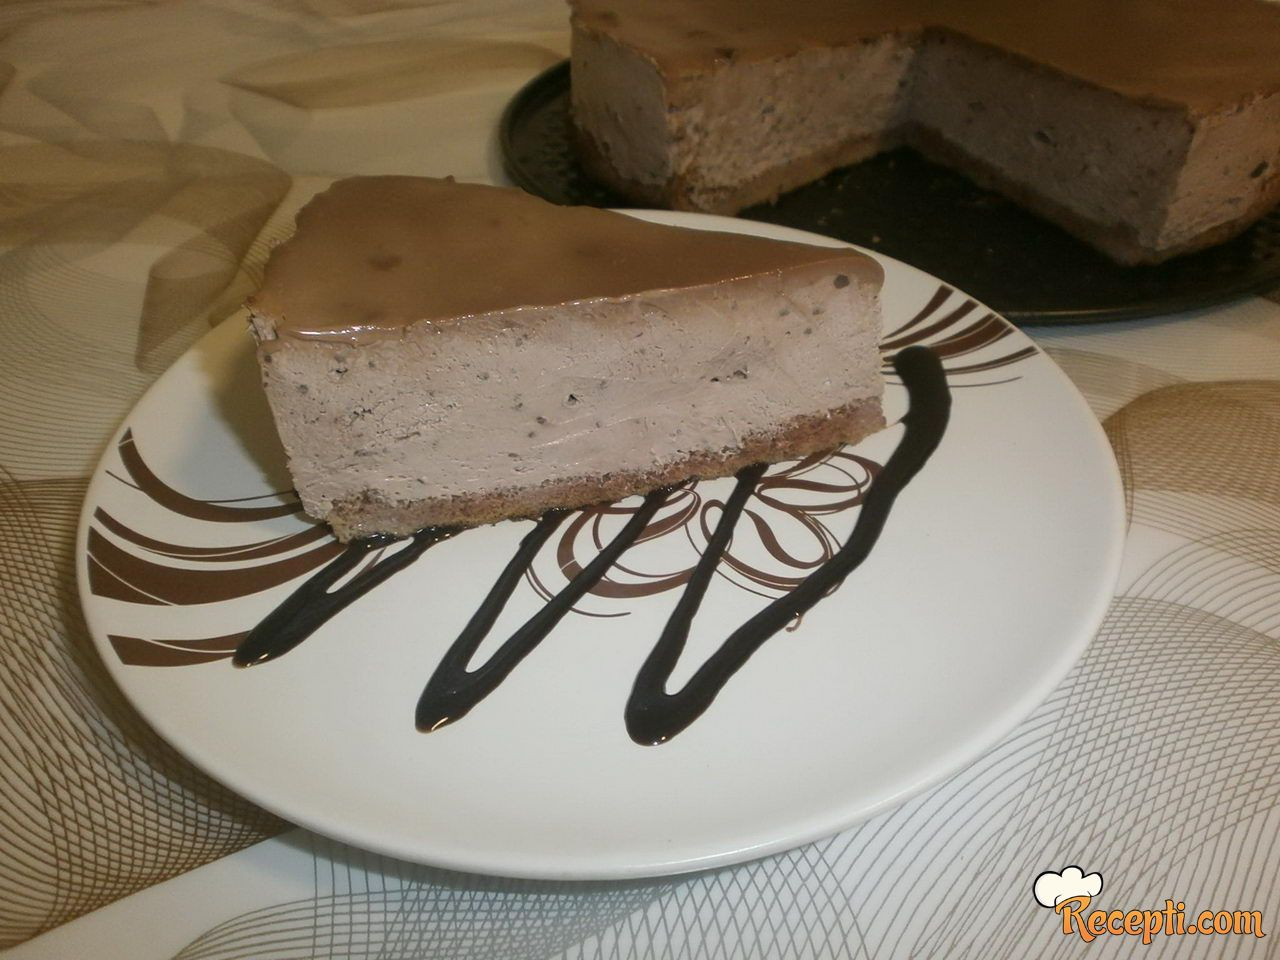 Čokoladna torta (62)